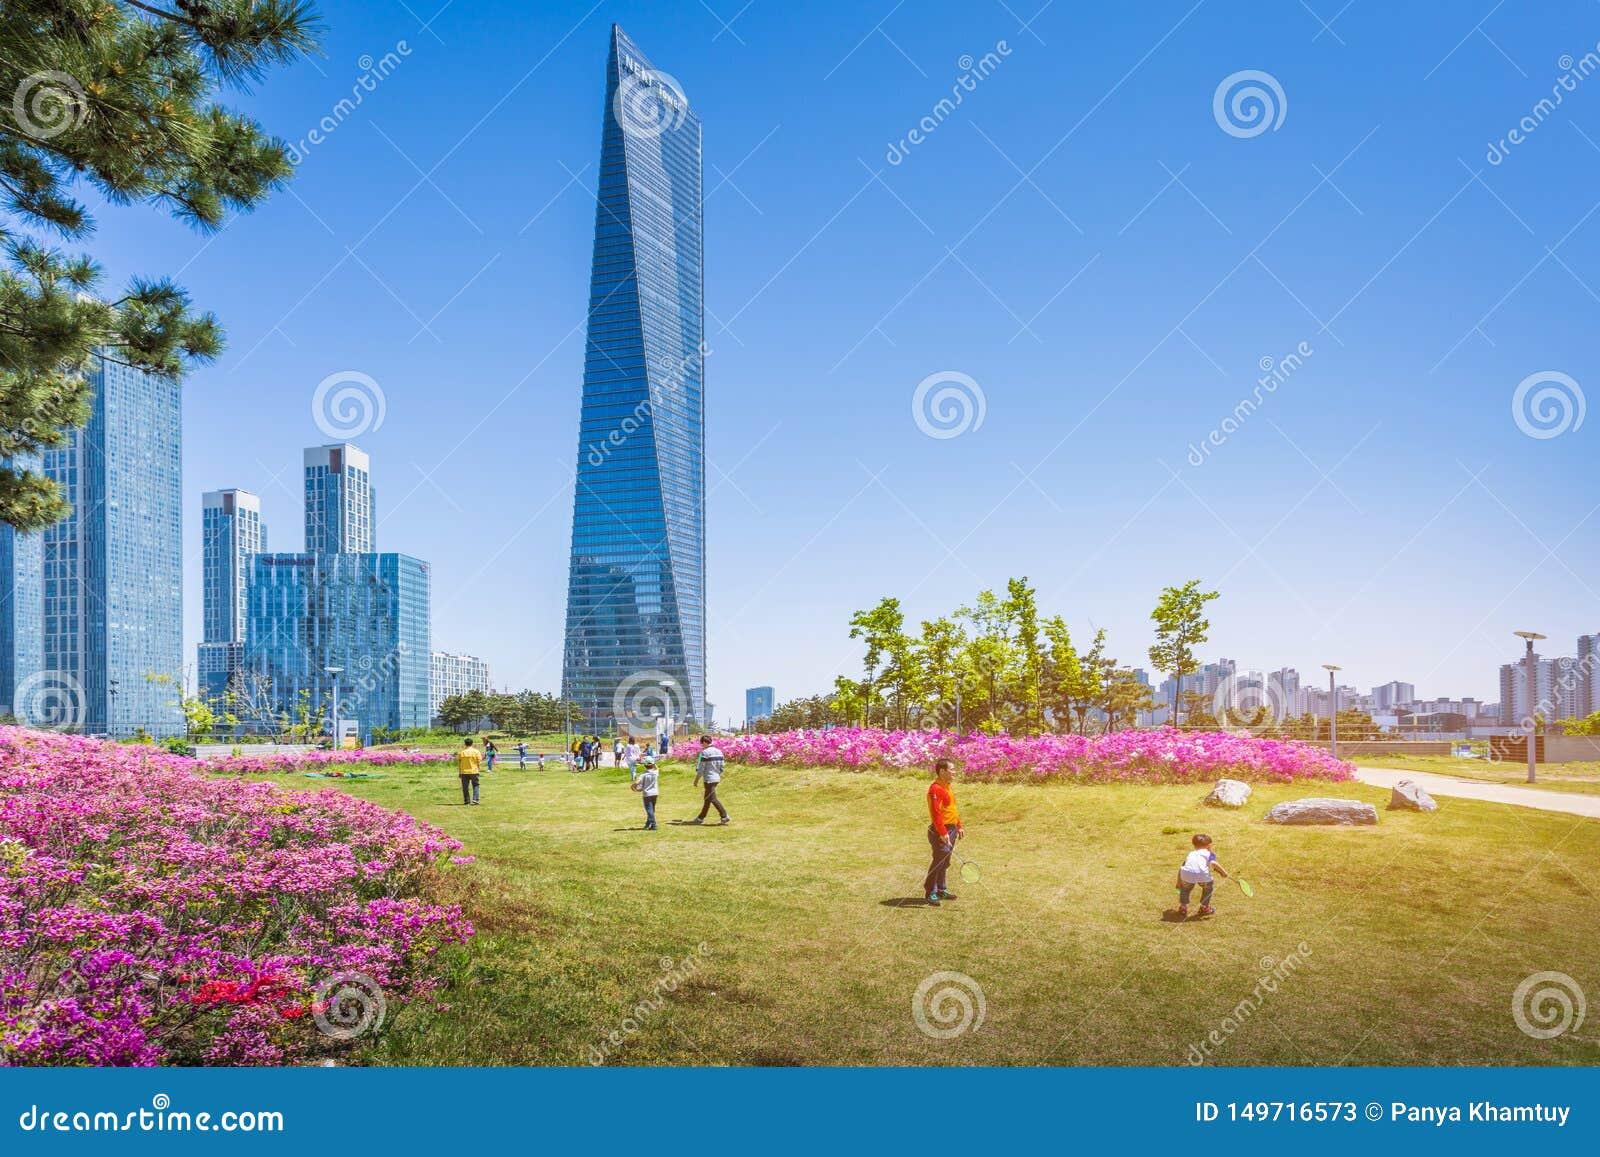 Été à Séoul avec la belle fleur, Central Park au district des affaires international de Songdo, Incheon Corée du Sud